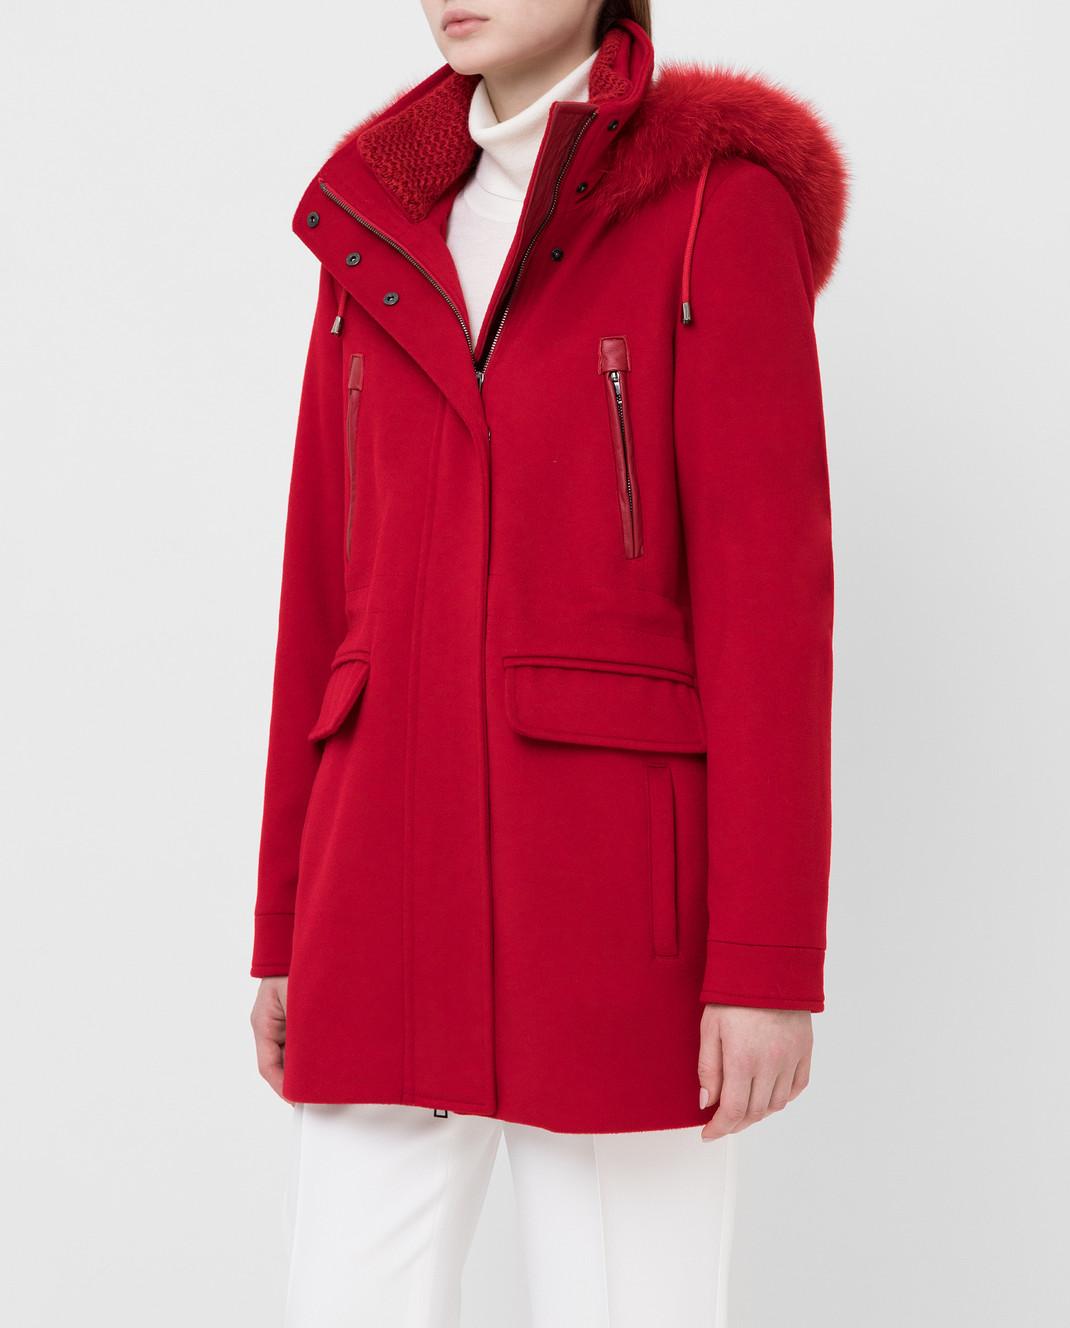 Heresis Красное пальто из шерсти изображение 3